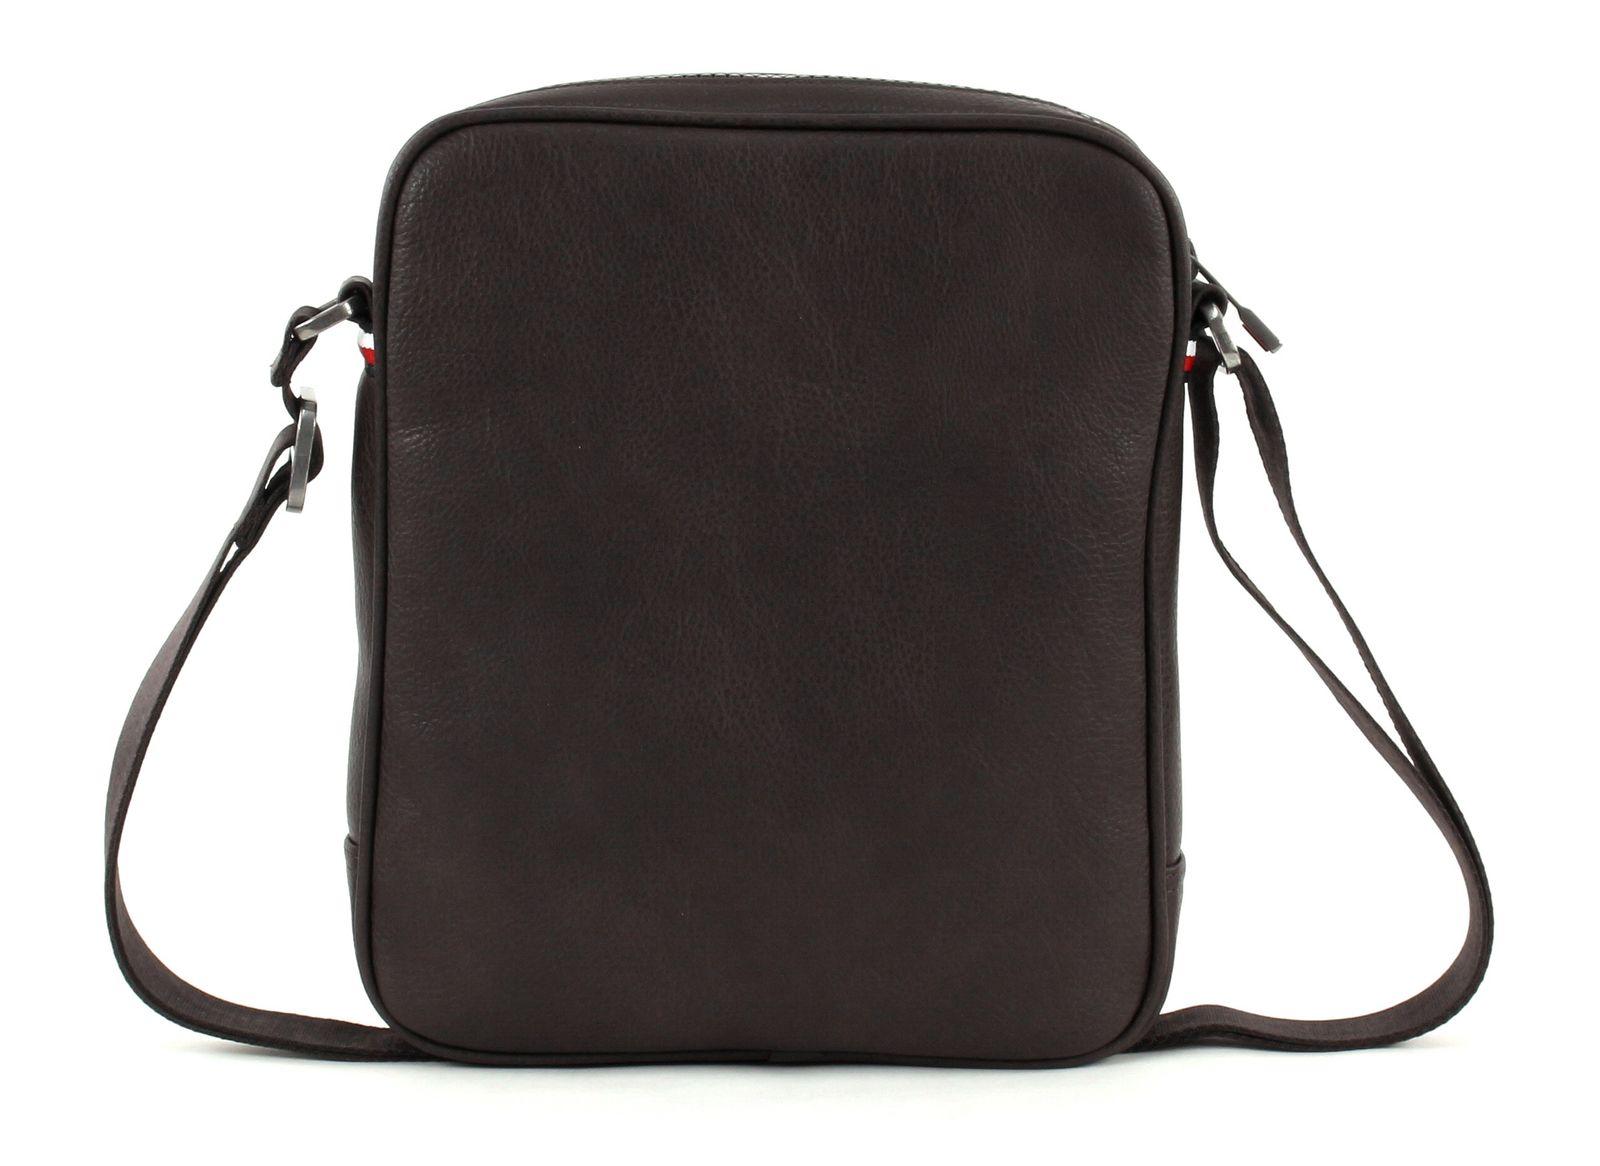 tommy hilfiger cross body bag essential slim reporter. Black Bedroom Furniture Sets. Home Design Ideas